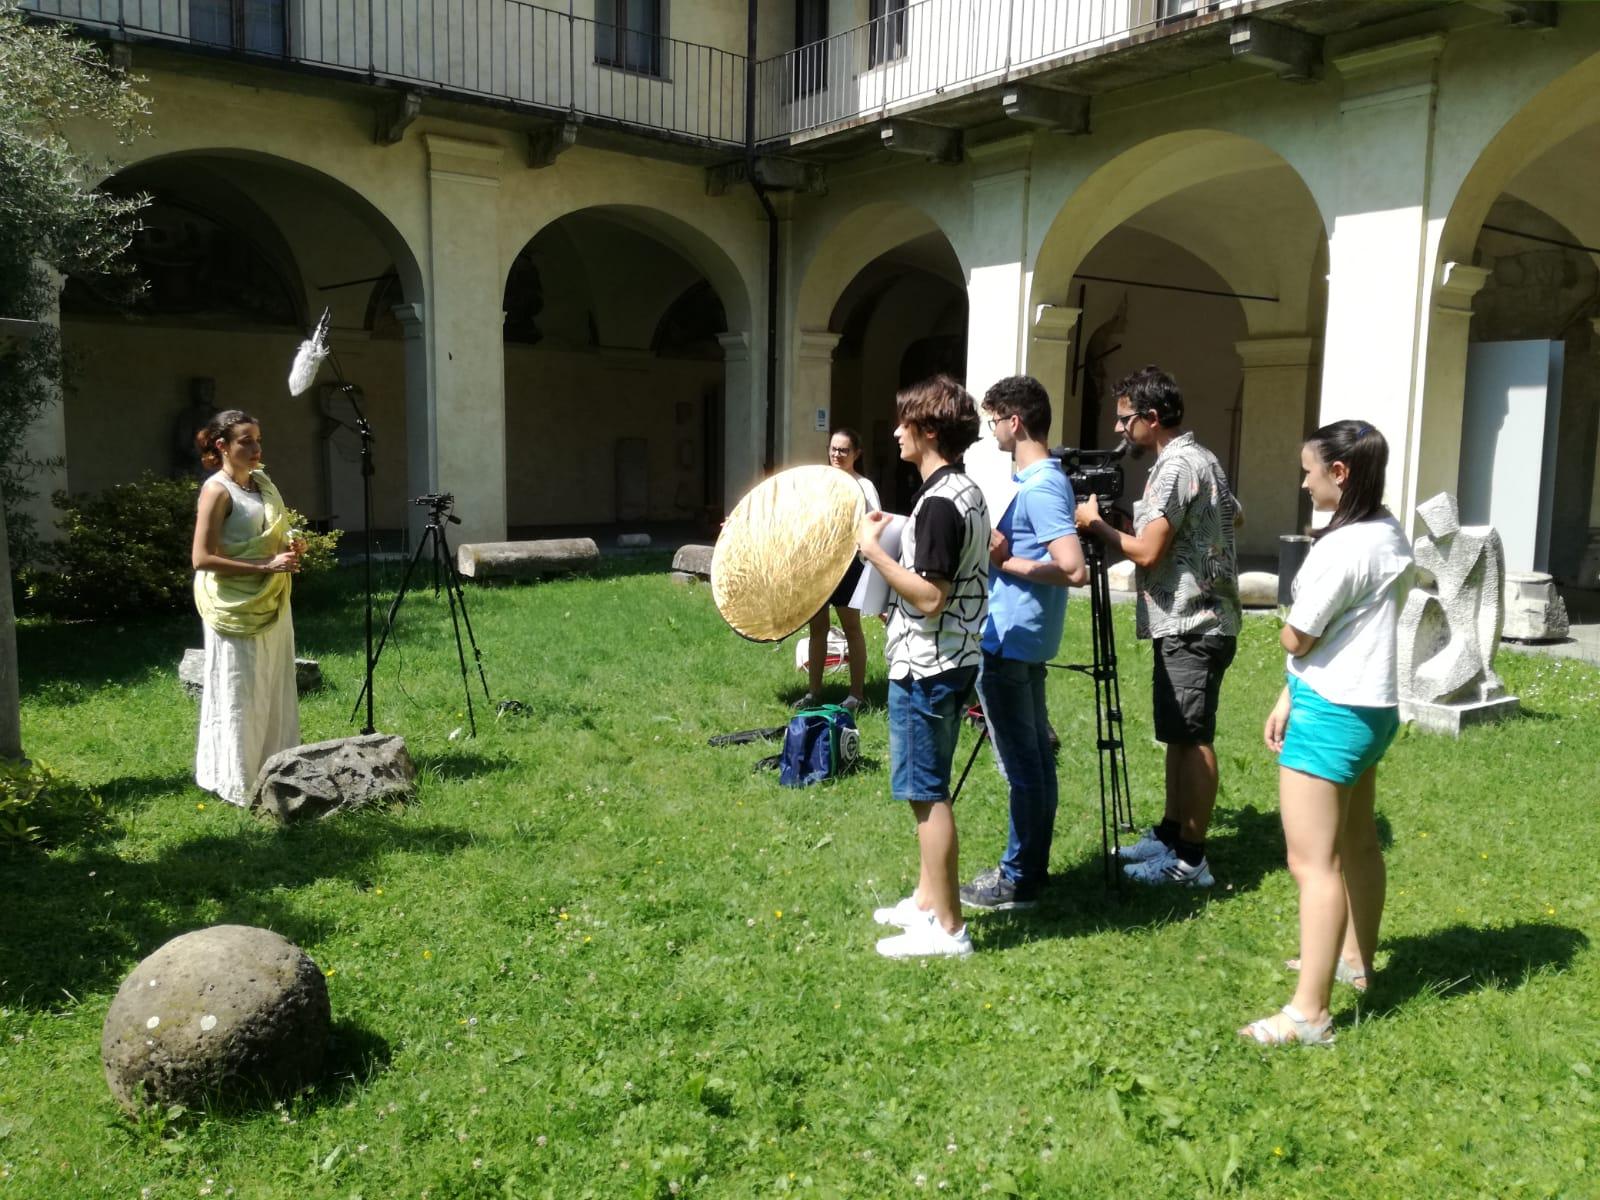 Le riprese per il gioco ideato dagli studenti del progetto Yom.